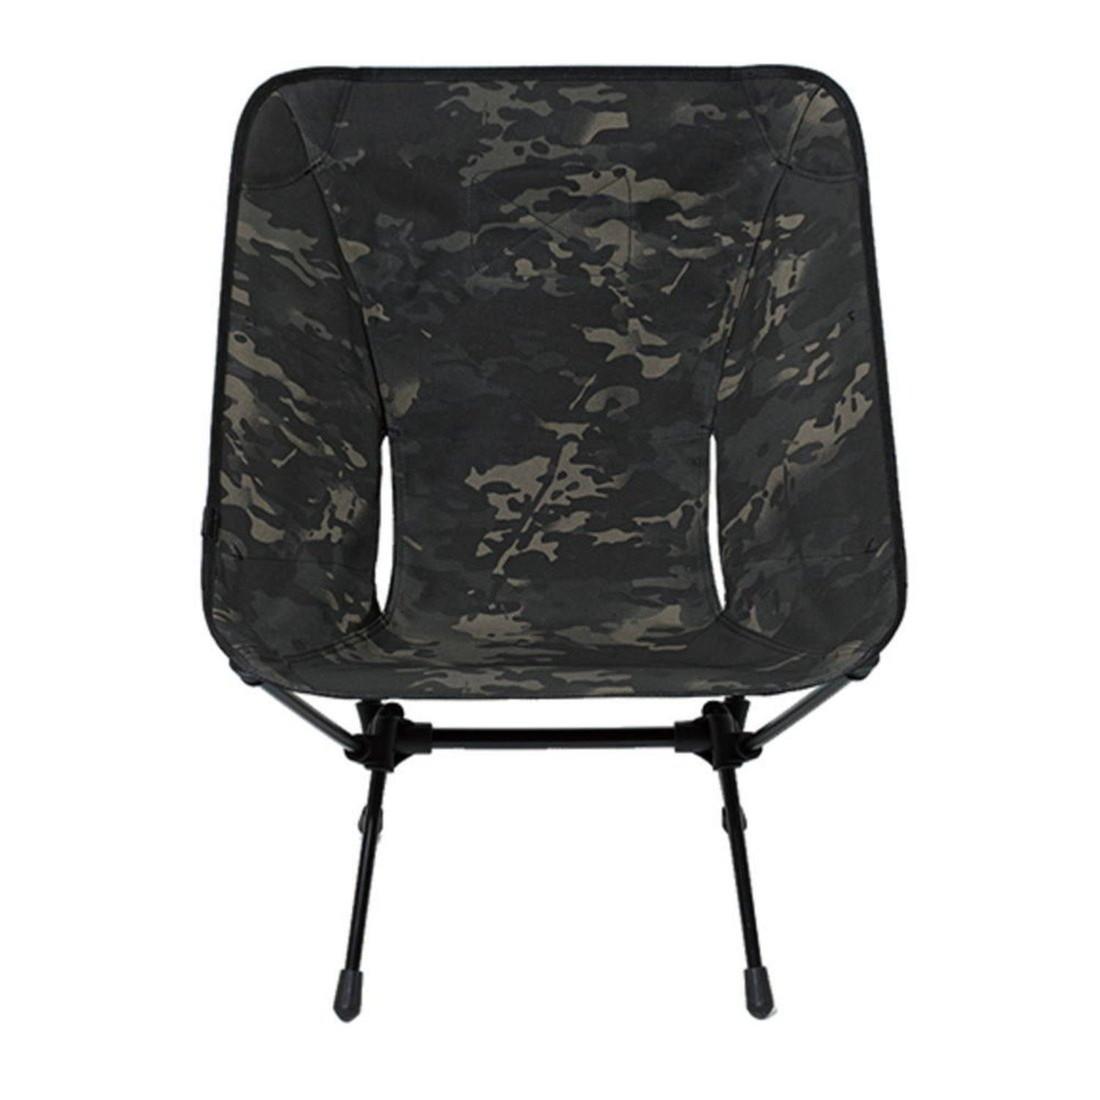 ヘリノックス タクティカルチェアMCブラック マルチカム 折りたたみ椅子チェアー  国内正規品